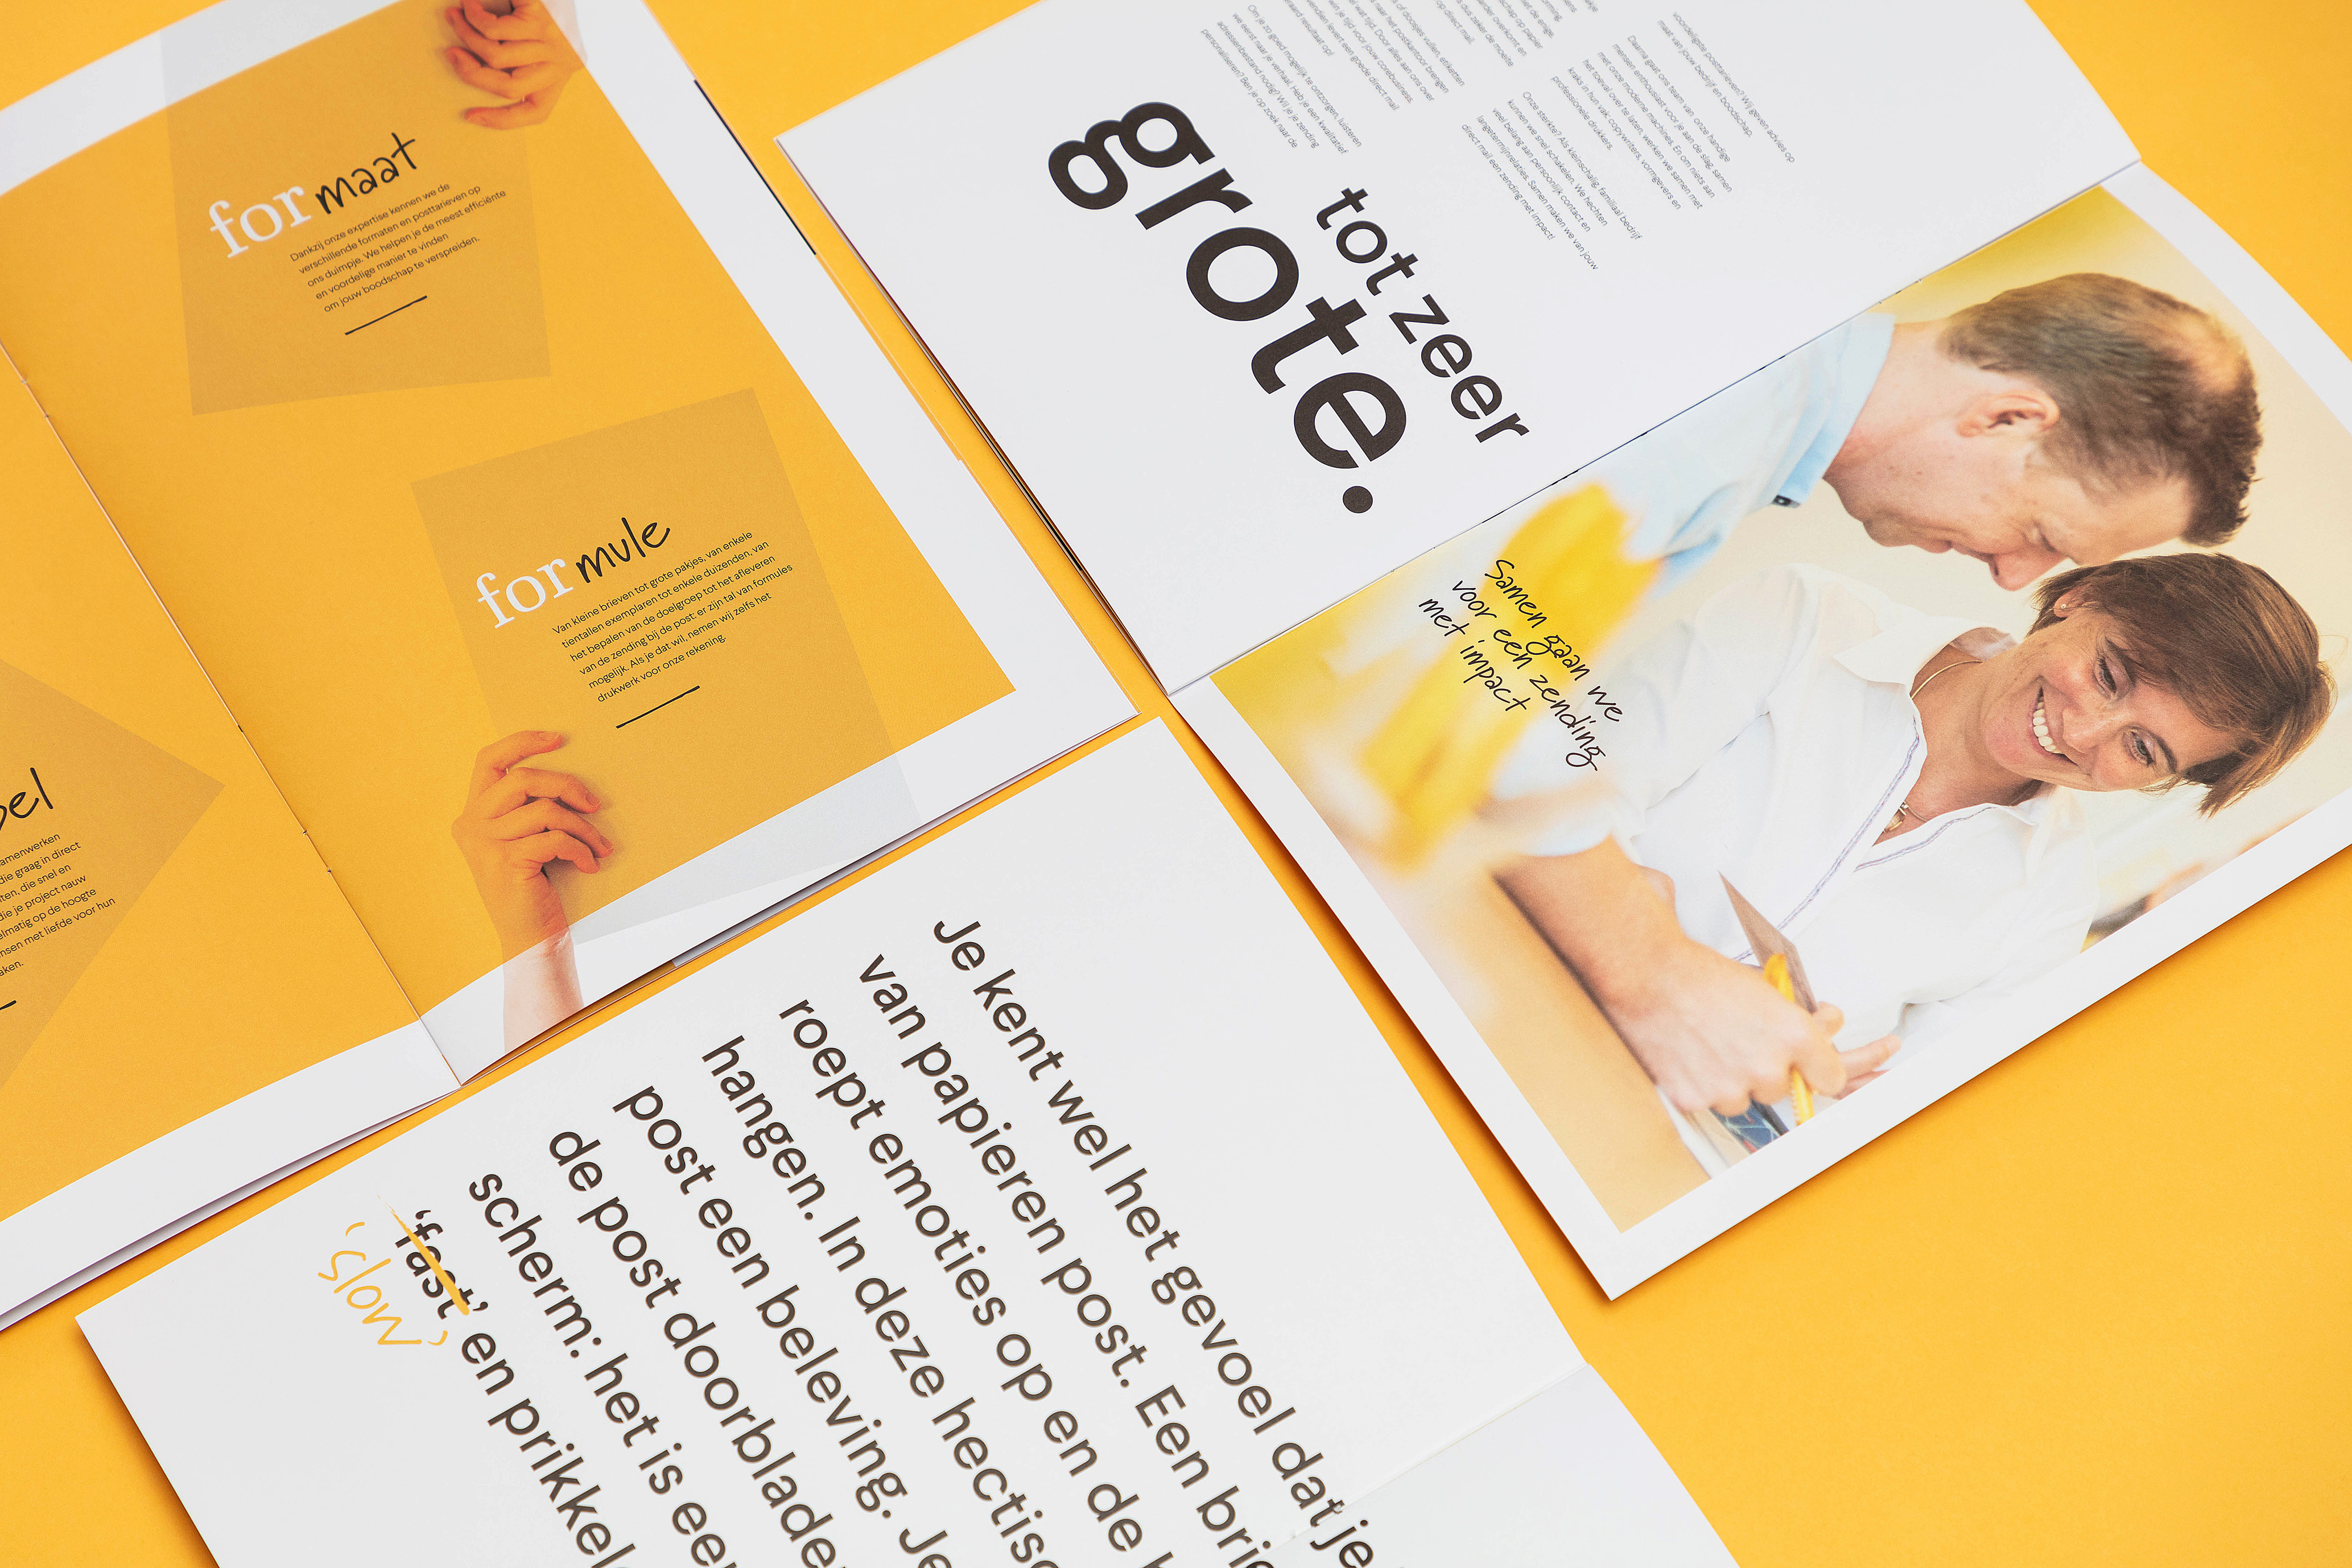 Voor Formail maakten we deze voorstellingsbrochure. Het bedrijf wordt erin voorgesteld én we overtuigen de lezer van het effect van een papieren mailing.